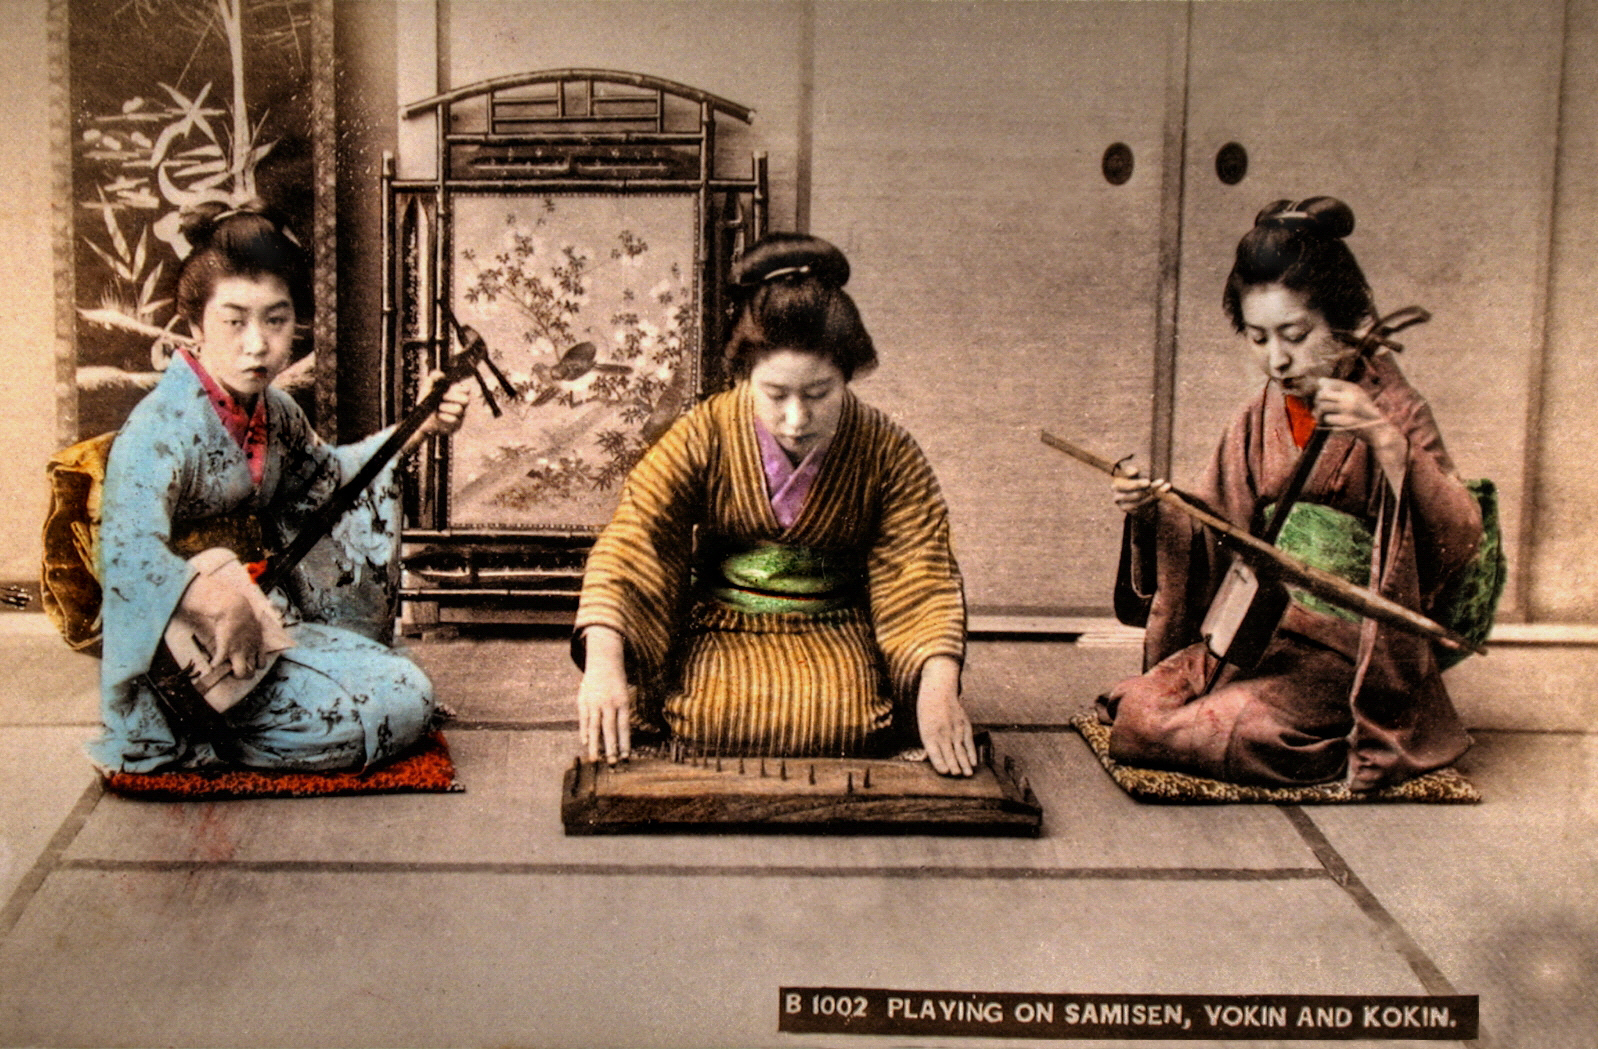 japanese_playing_on_samisen_yokin_and_kokin.jpg